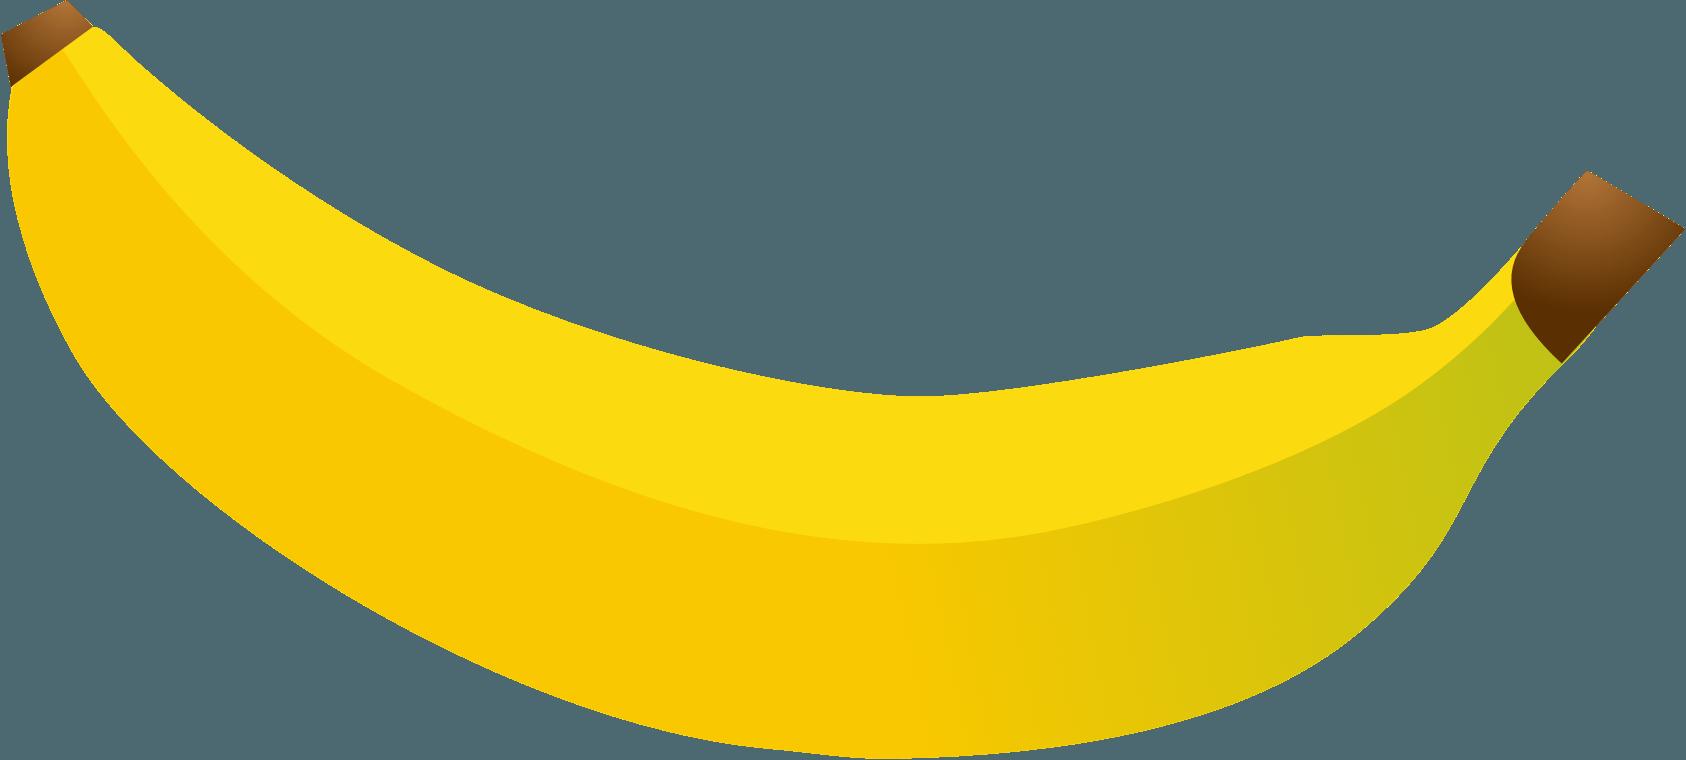 banaan lig